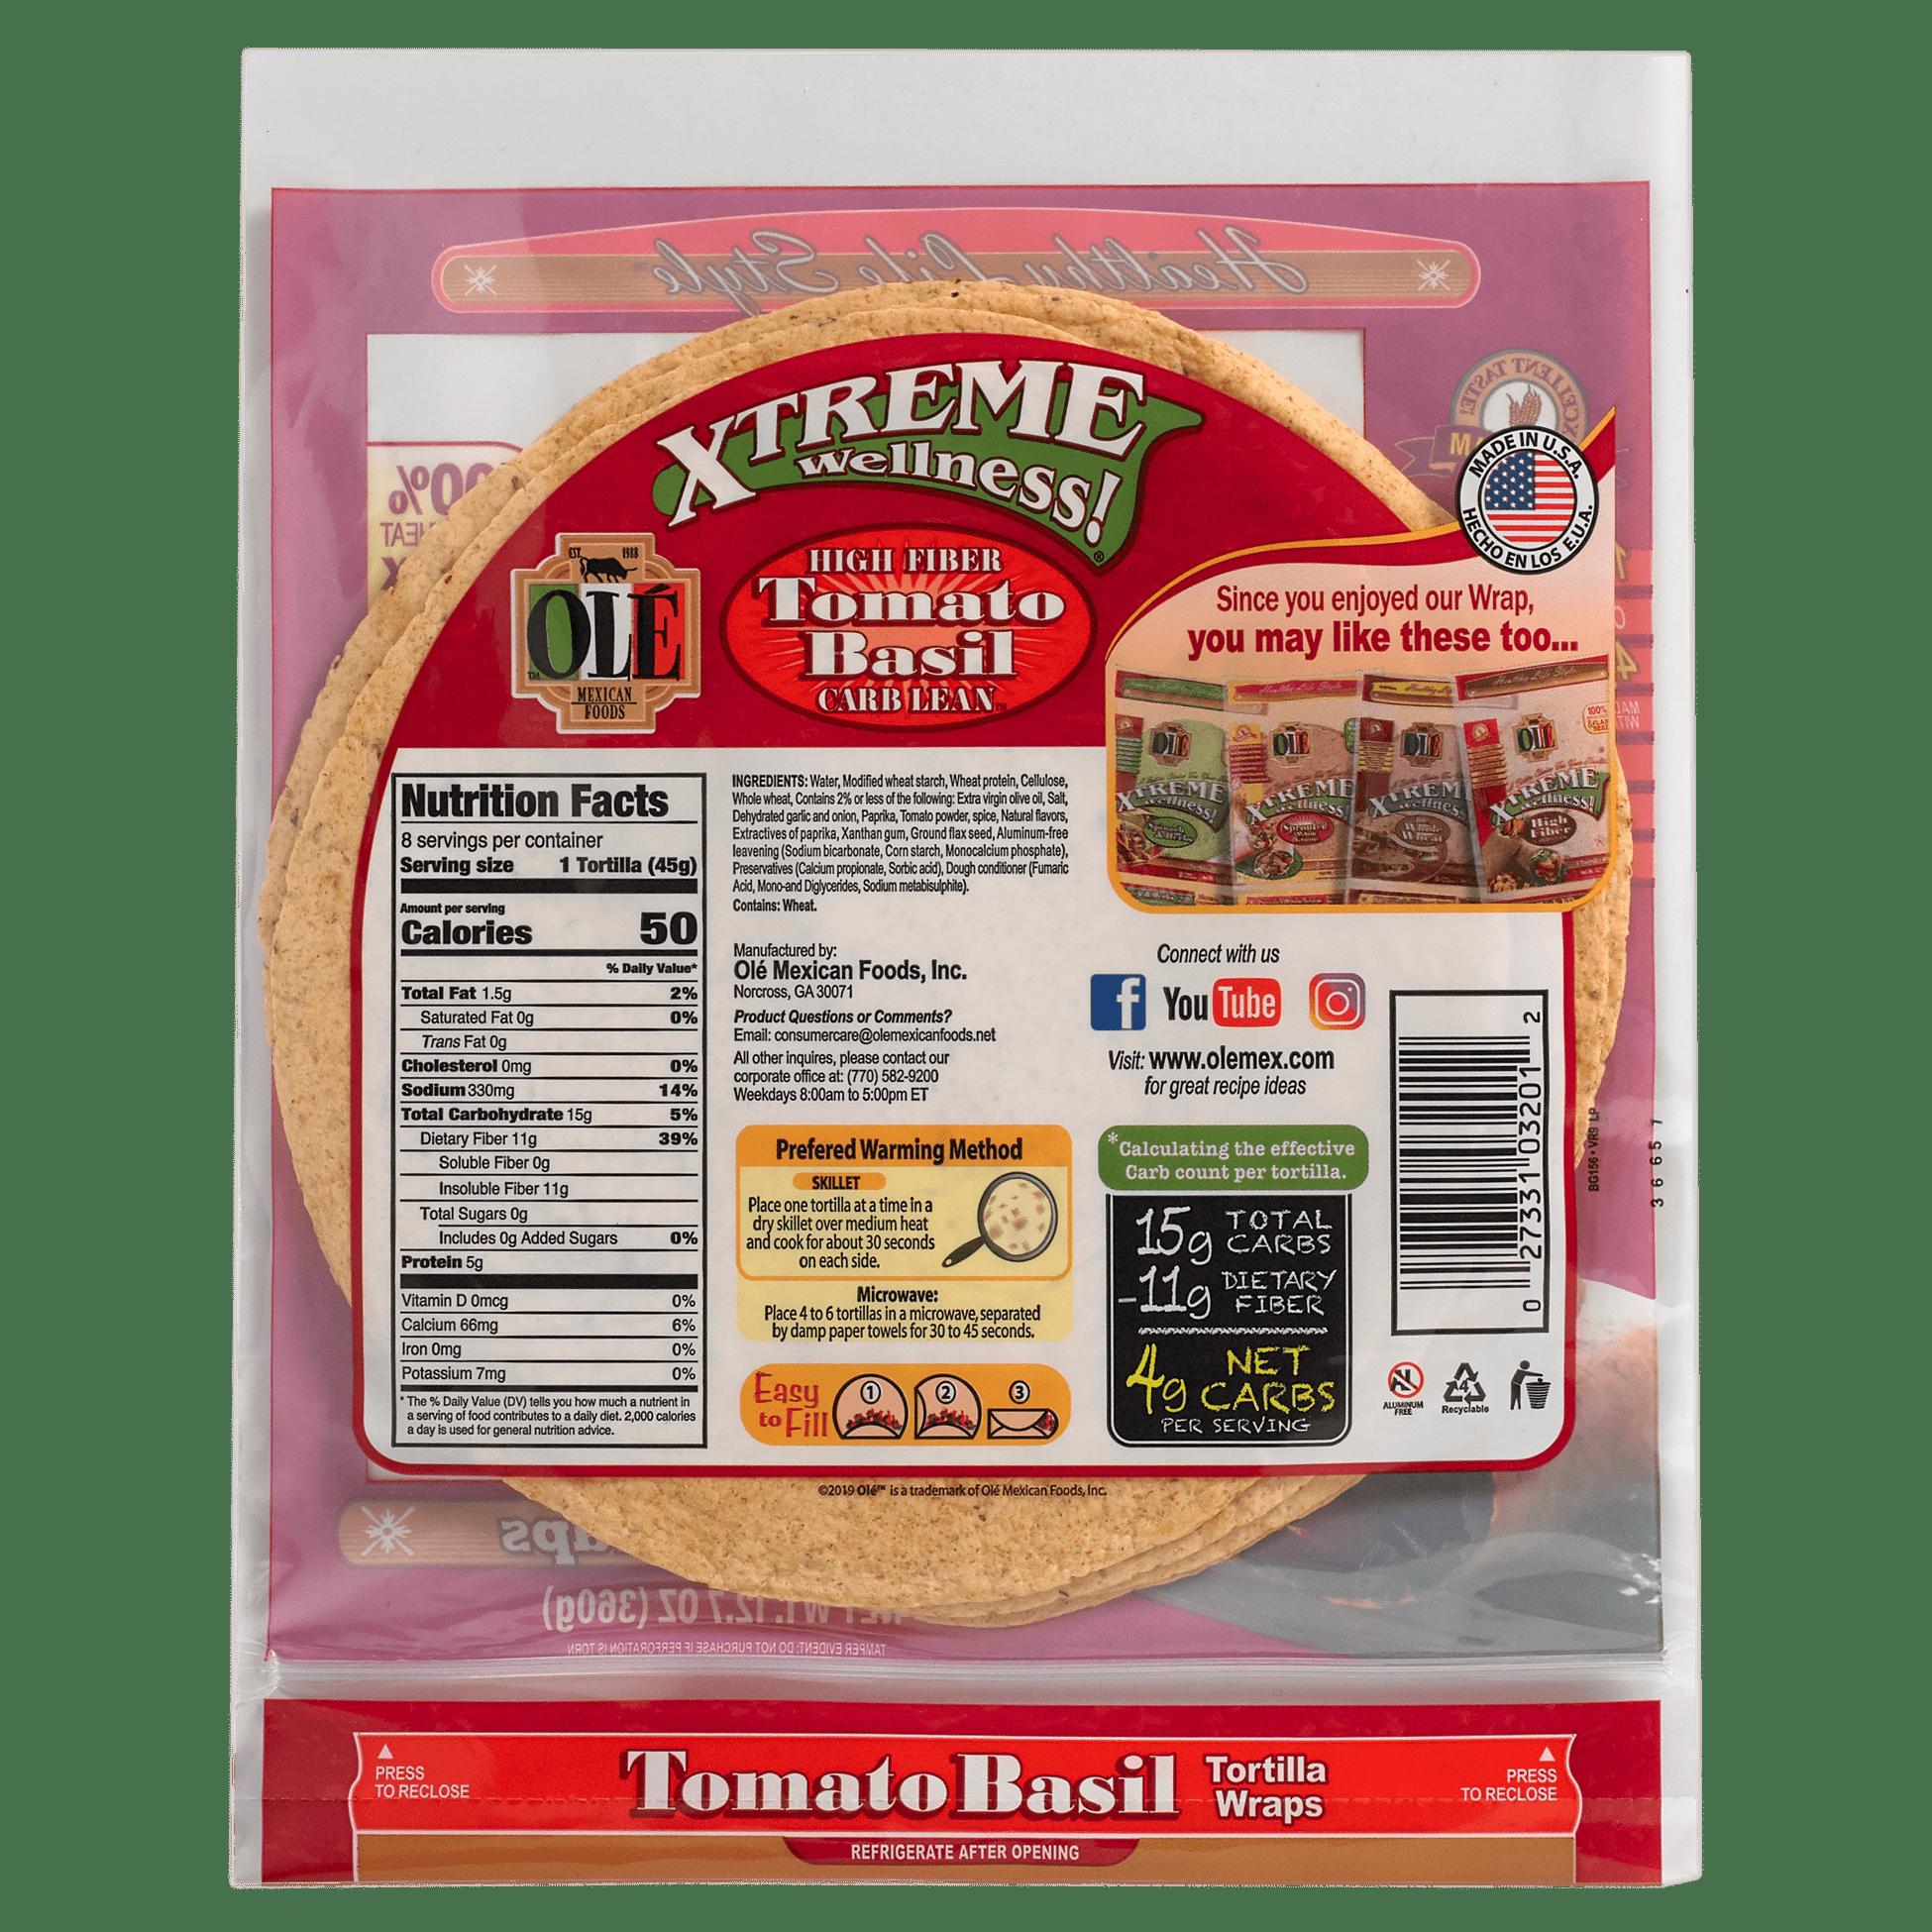 Xtreme Tomato & Basil - Back